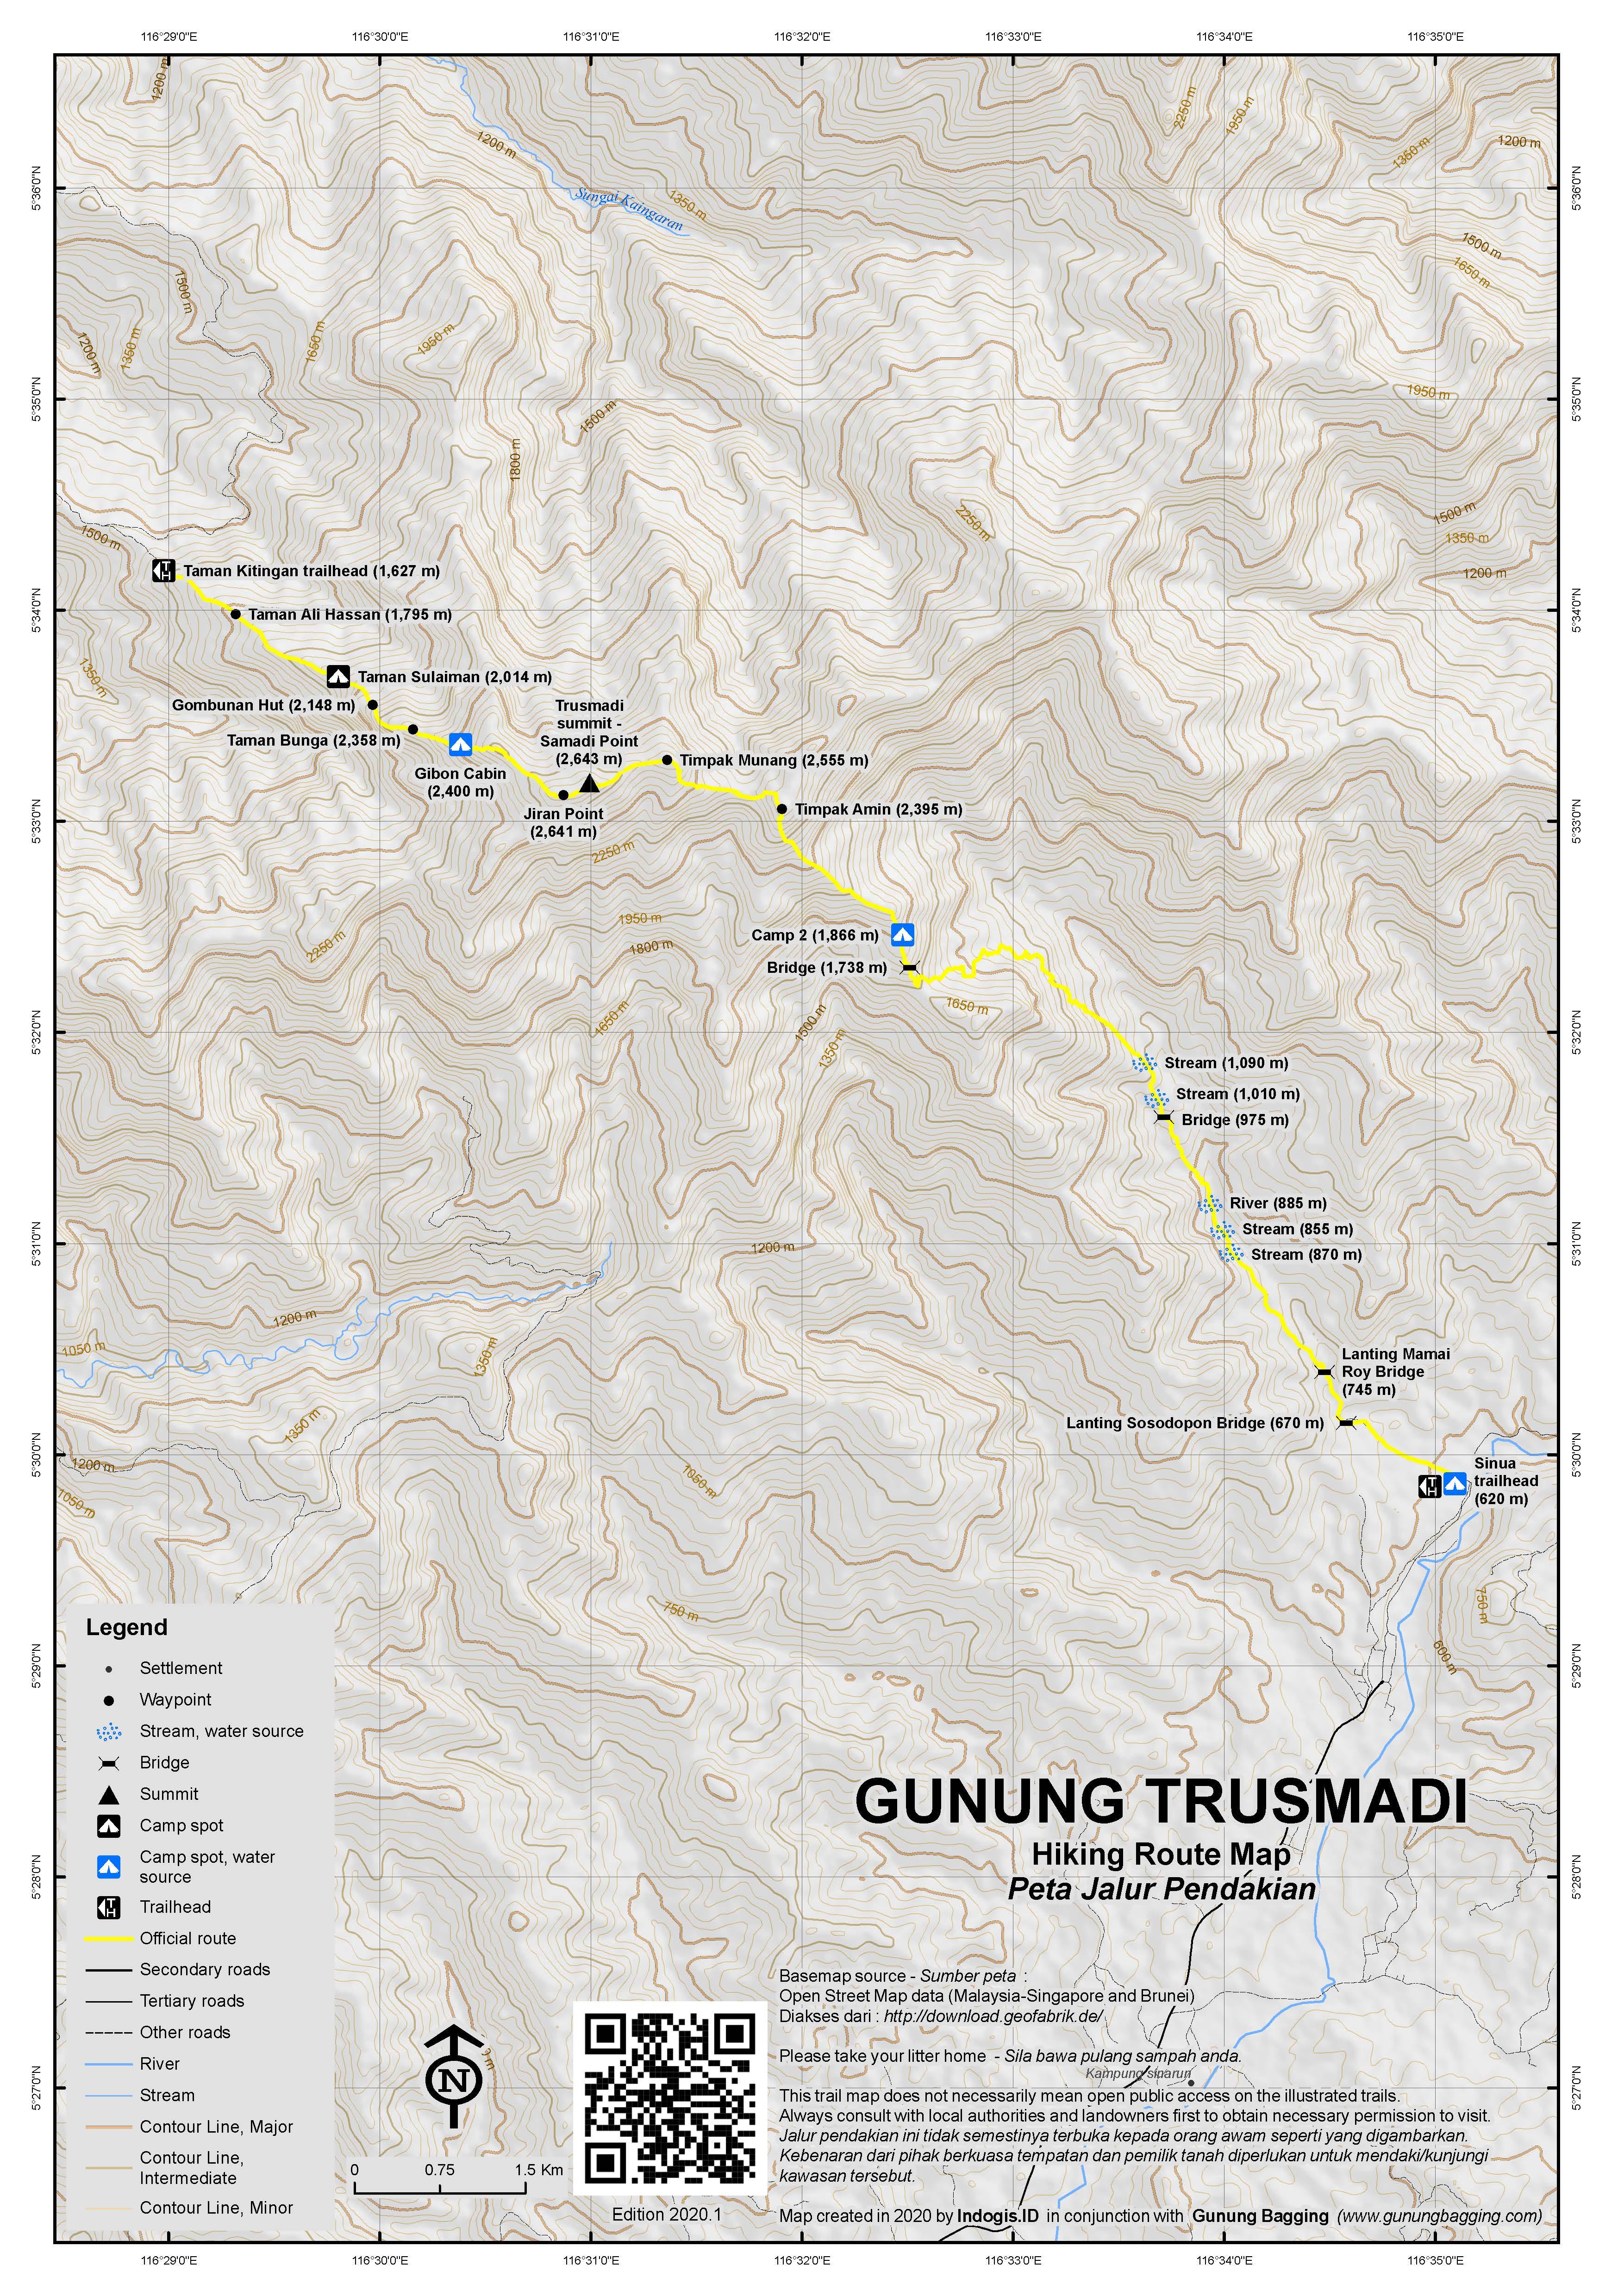 Peta Jalur Pendakian Gunung Trusmadi